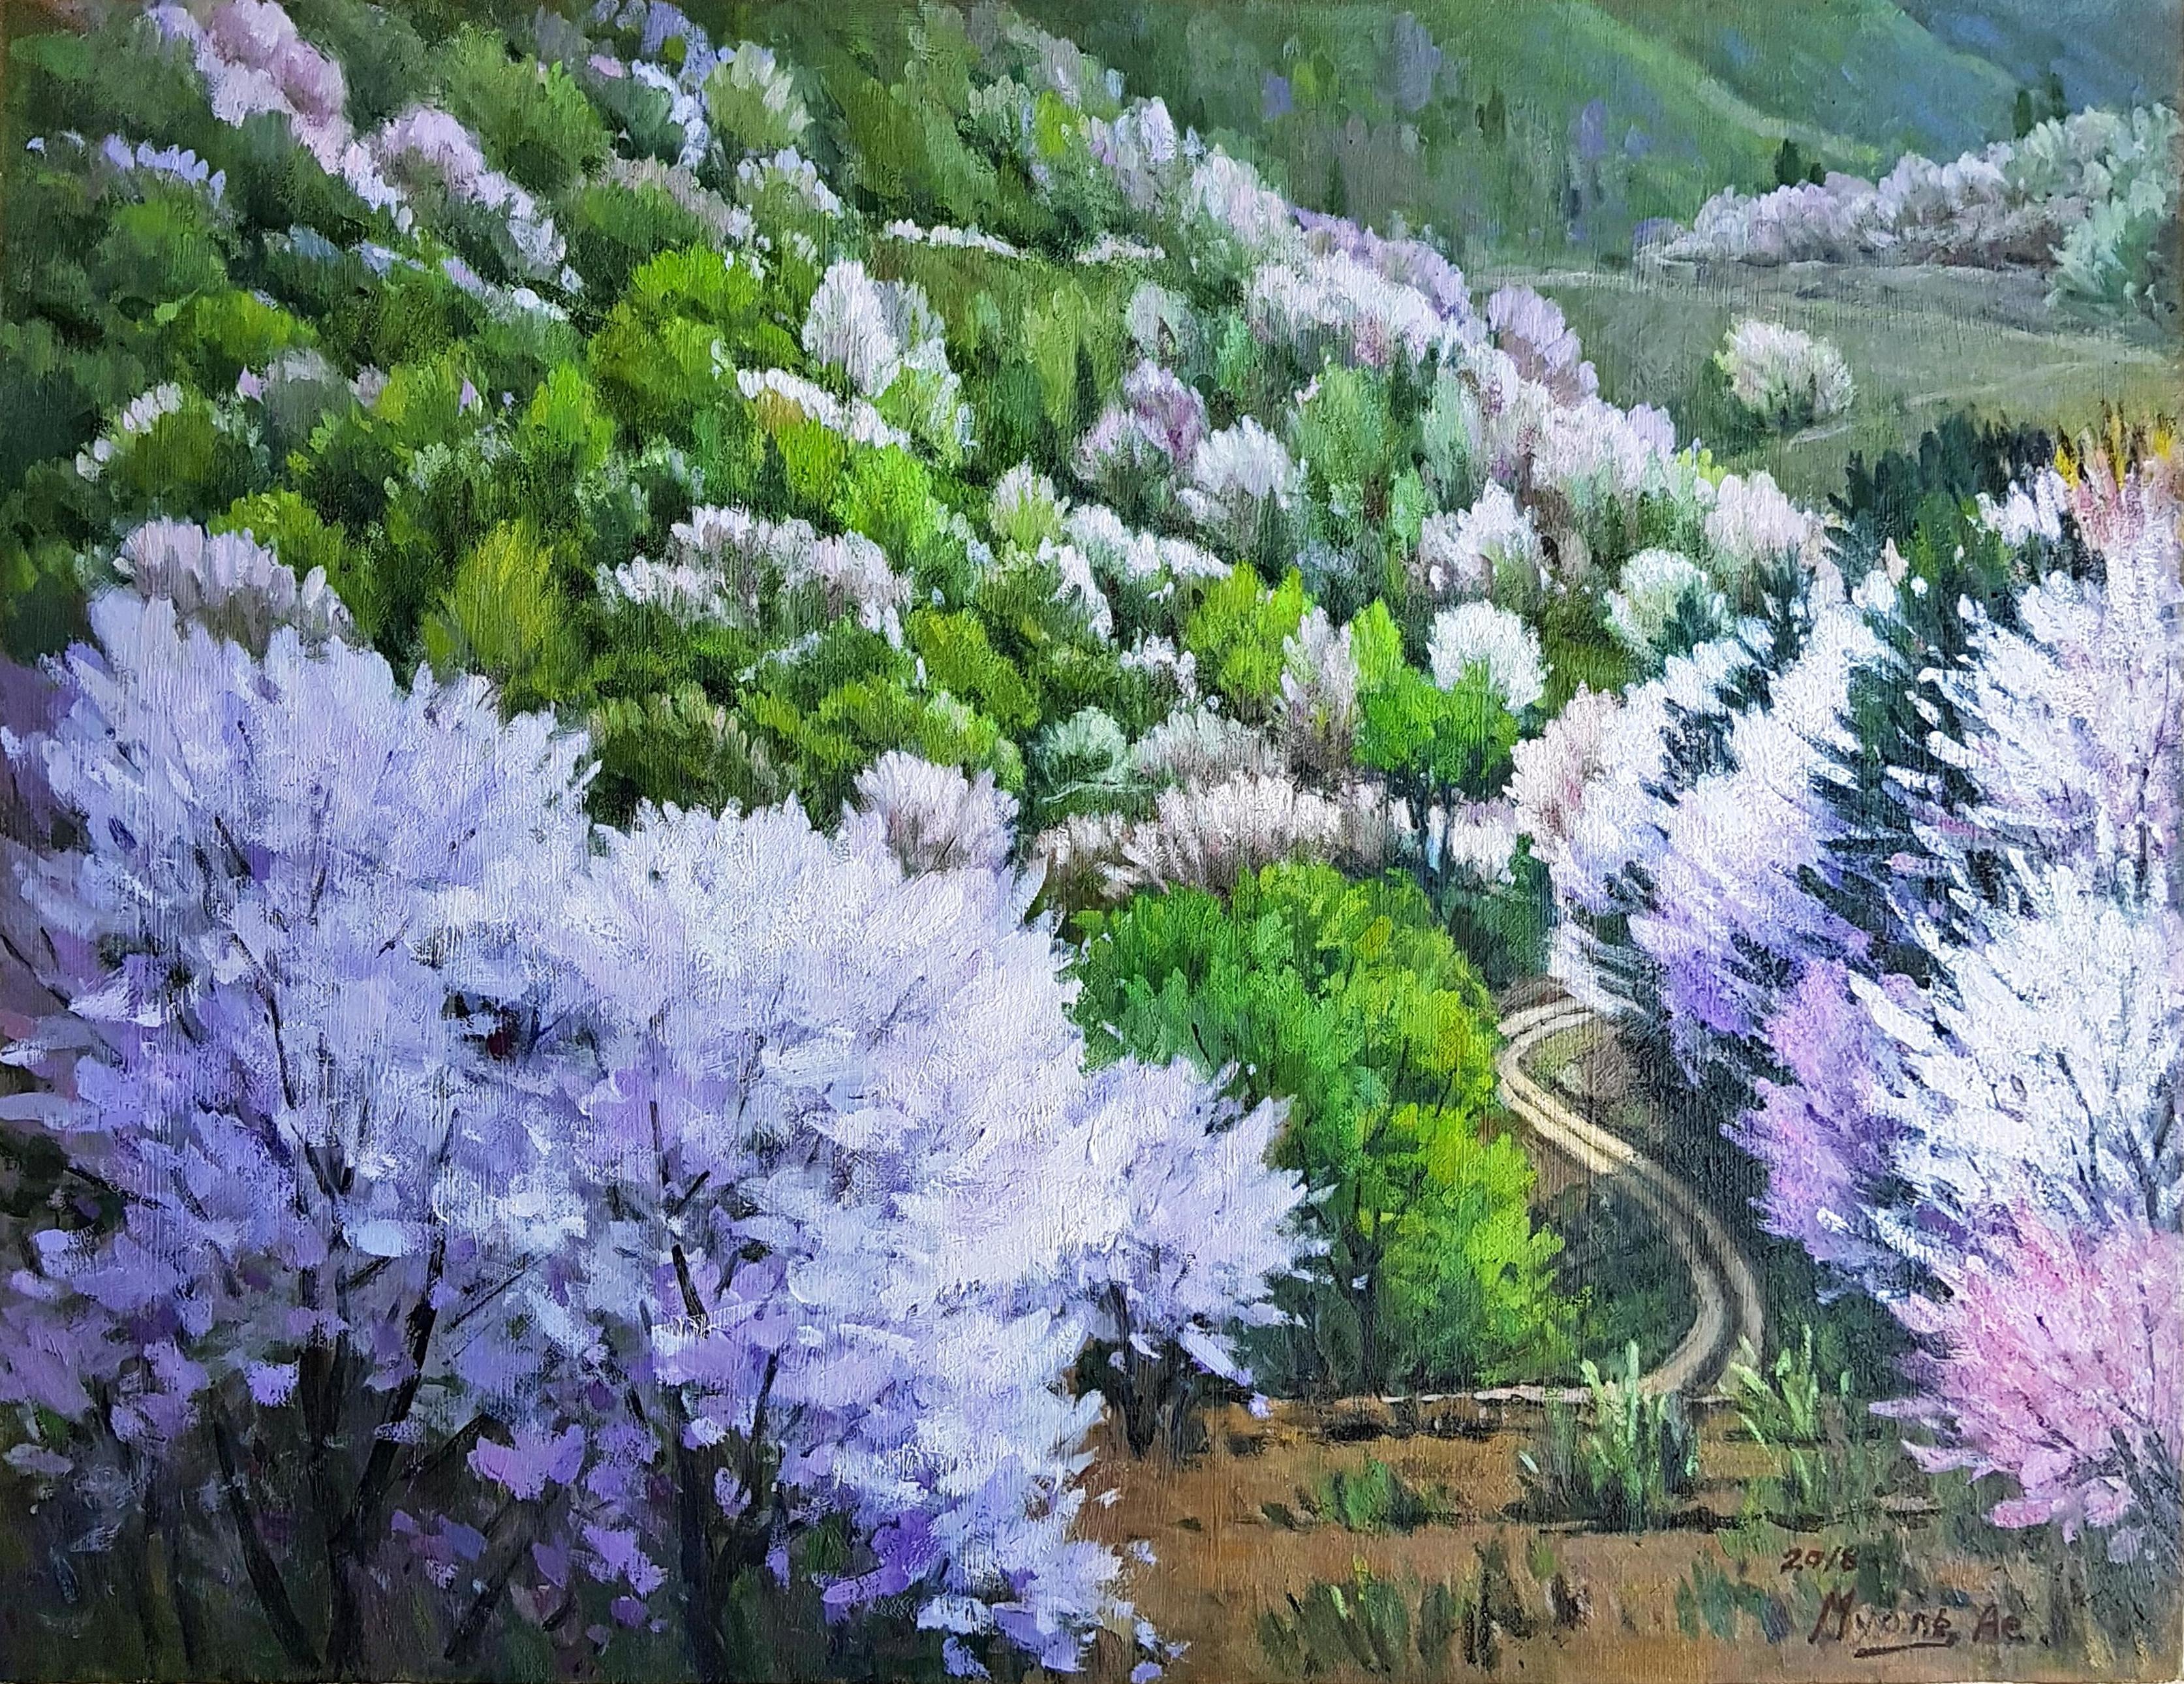 금산의 산벚꽃 53.0 x 40.9